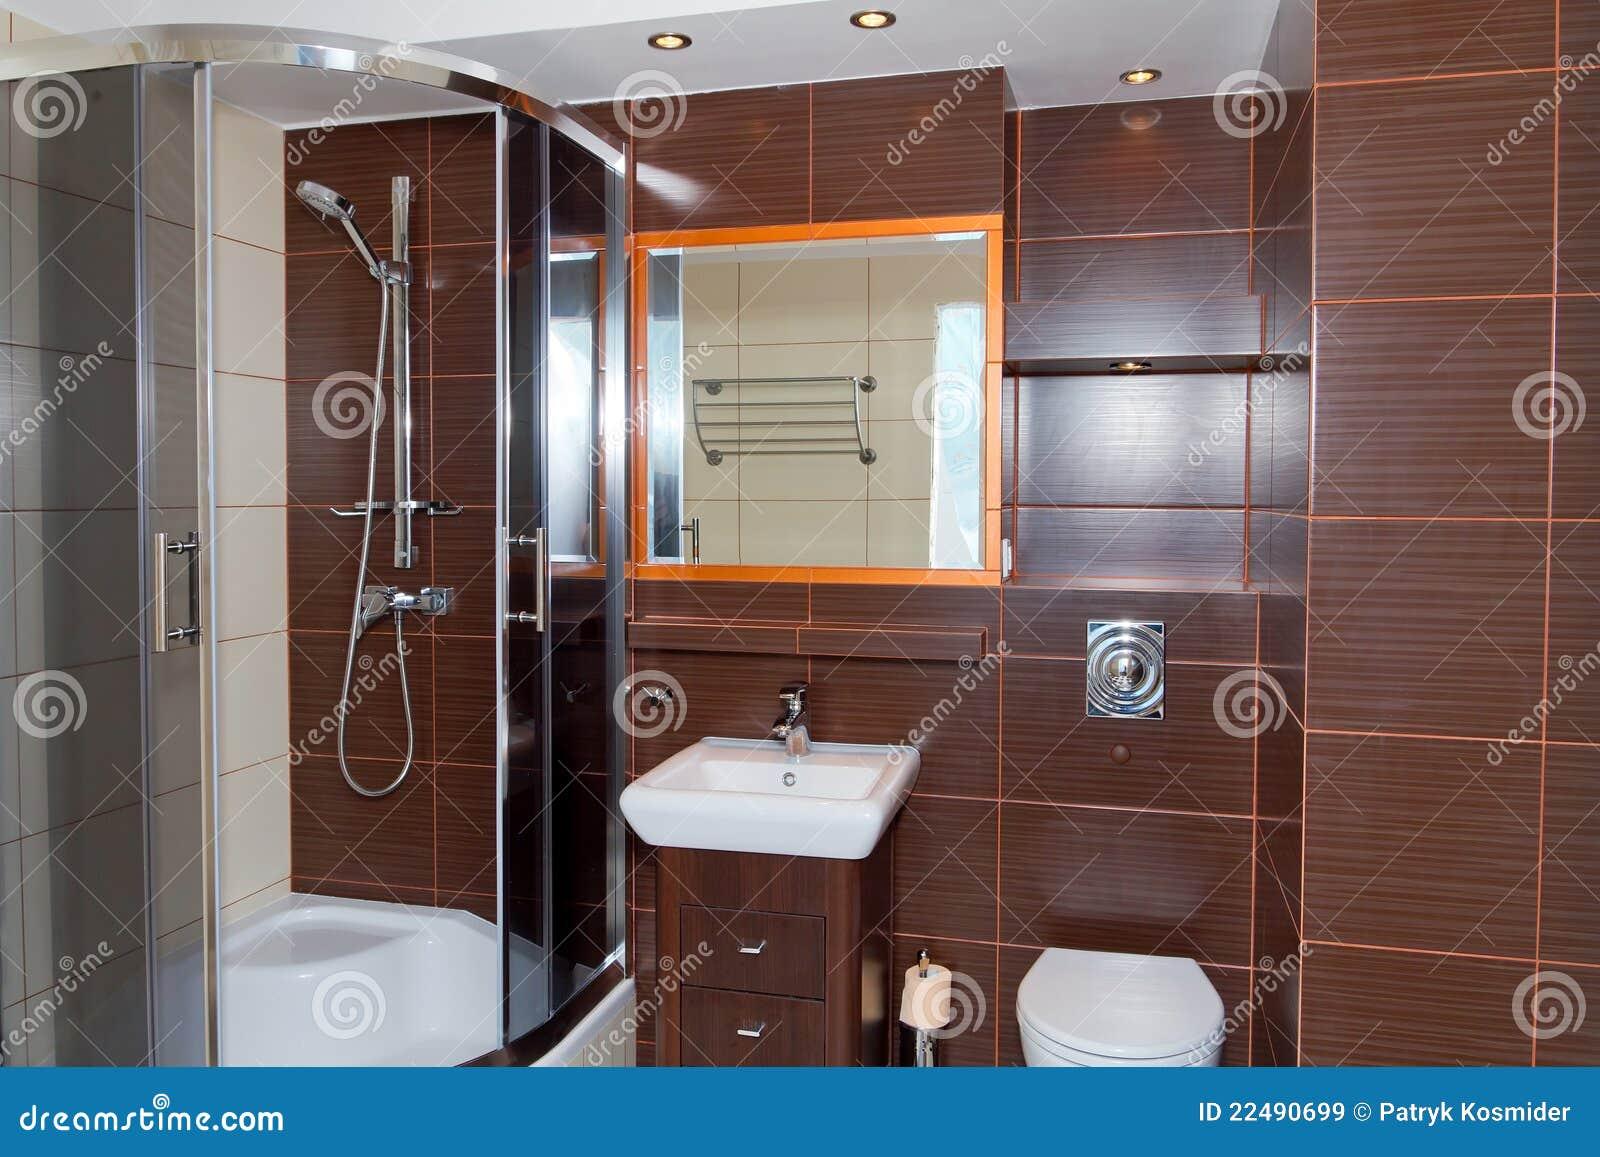 Interiore della stanza da bagno di colore marrone scuro for Stanza da bagno